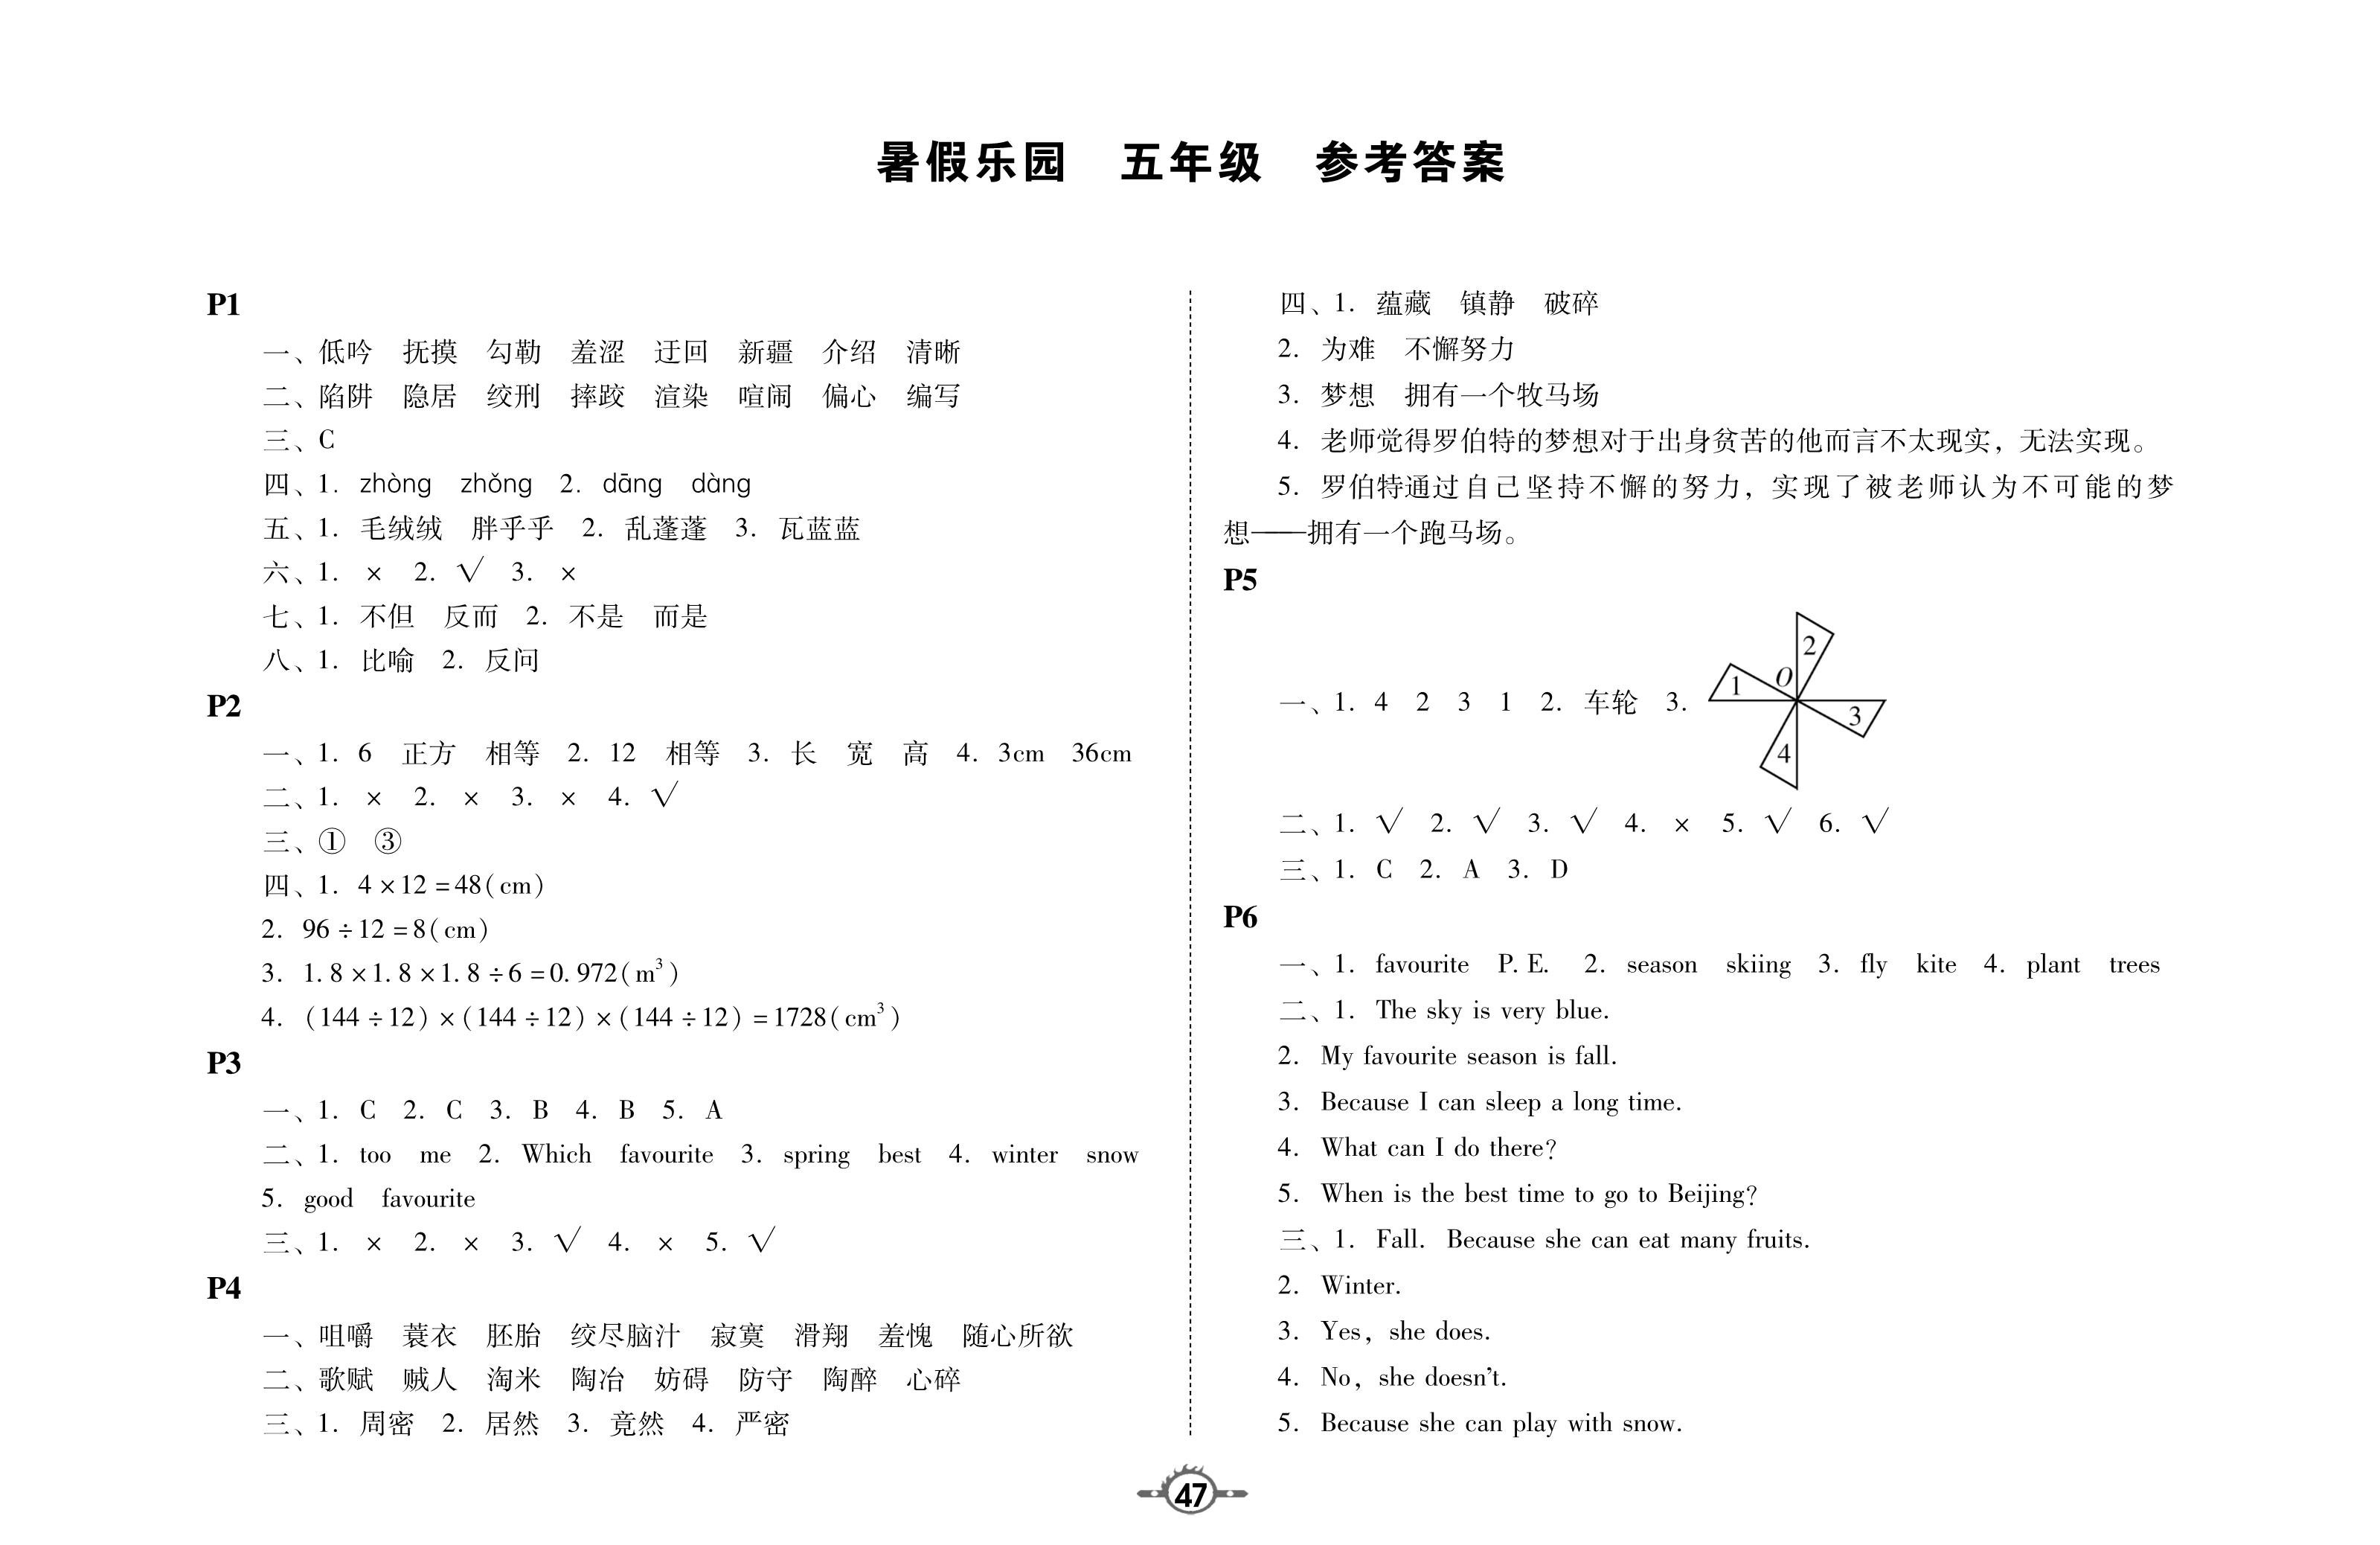 2017年暑假乐园广东人民出版社五年级数学其它第1页